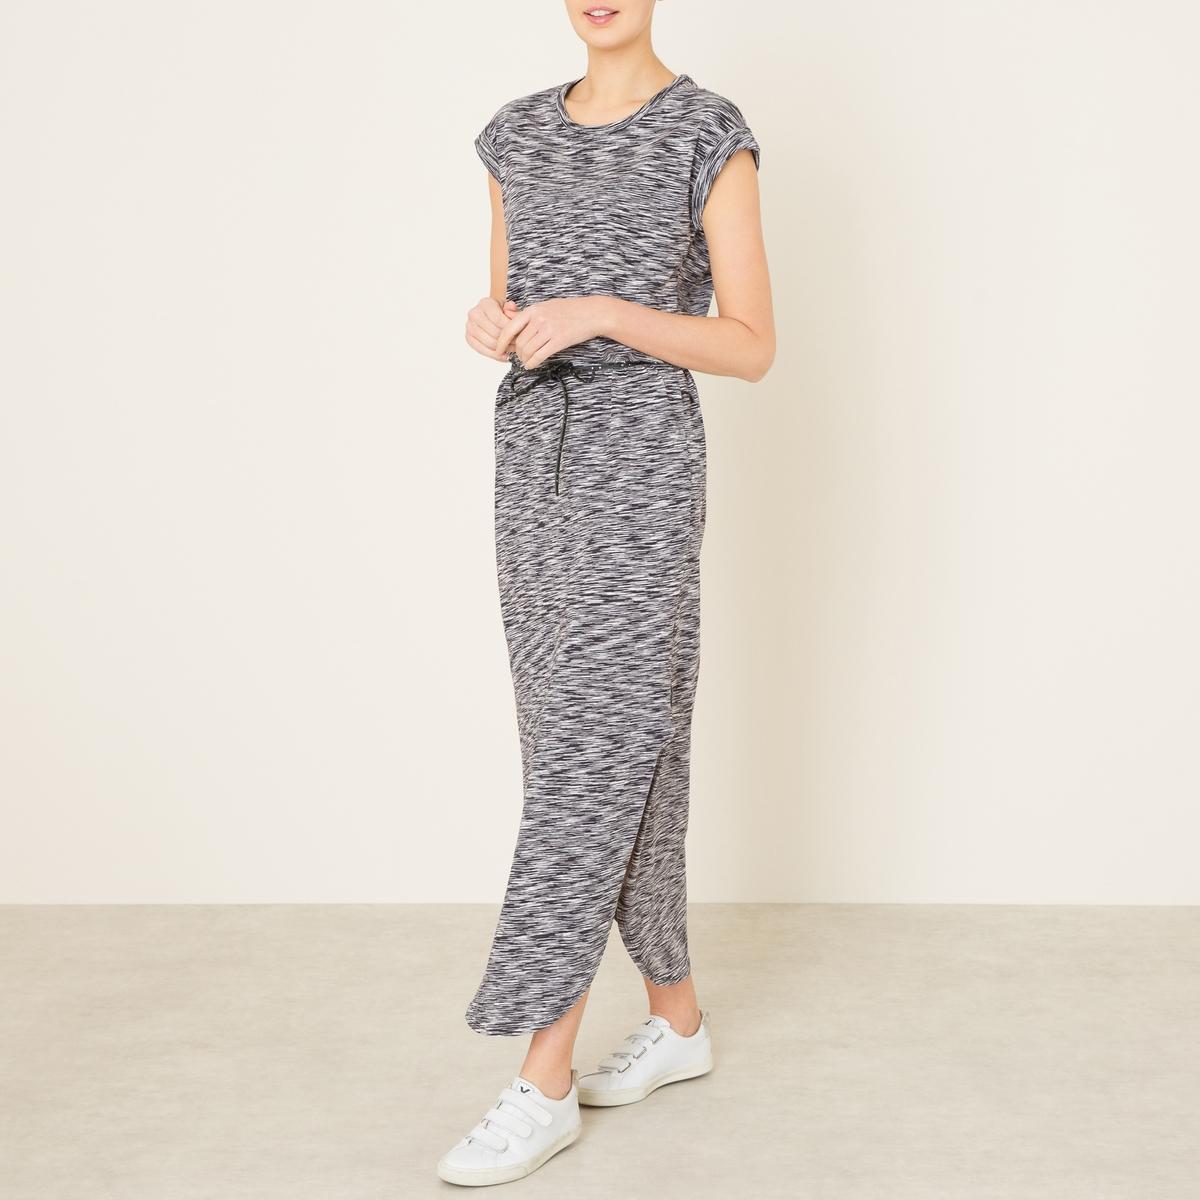 Платье длинное с поясомСостав и описание Материал : 100% хлопокДлина : ок. 140 см. для размера 36Марка : MAISON SCOTCH<br><br>Цвет: черный,экрю/черный<br>Размер: 4(XL)